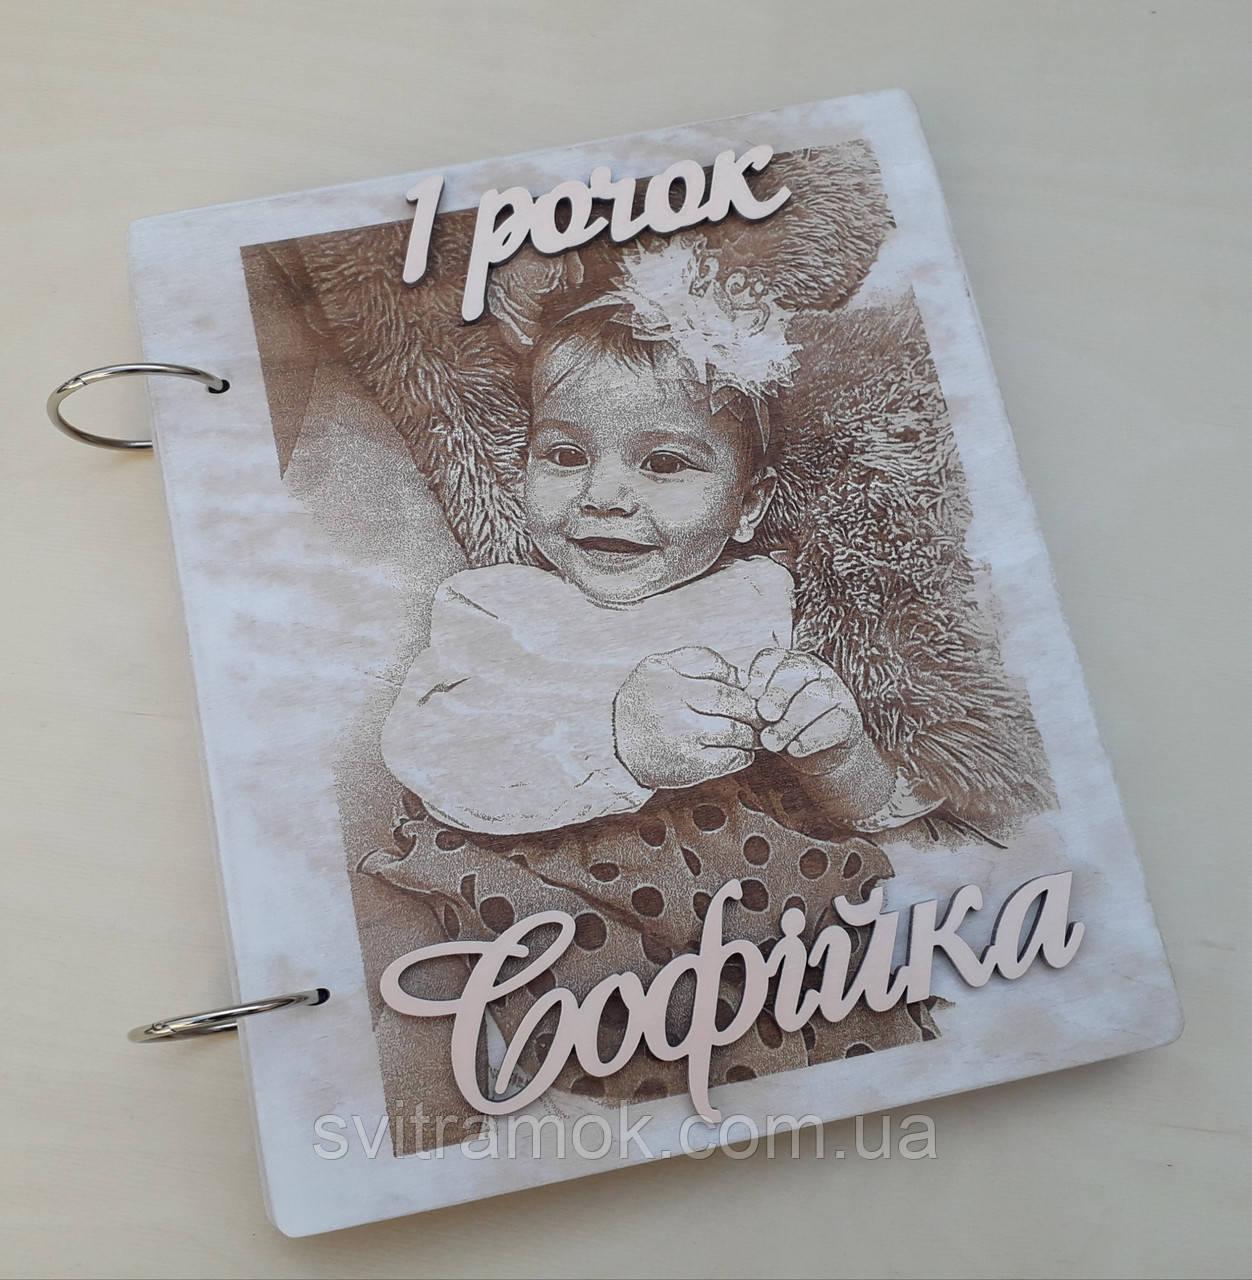 Дитячий фотоальбом з дерева